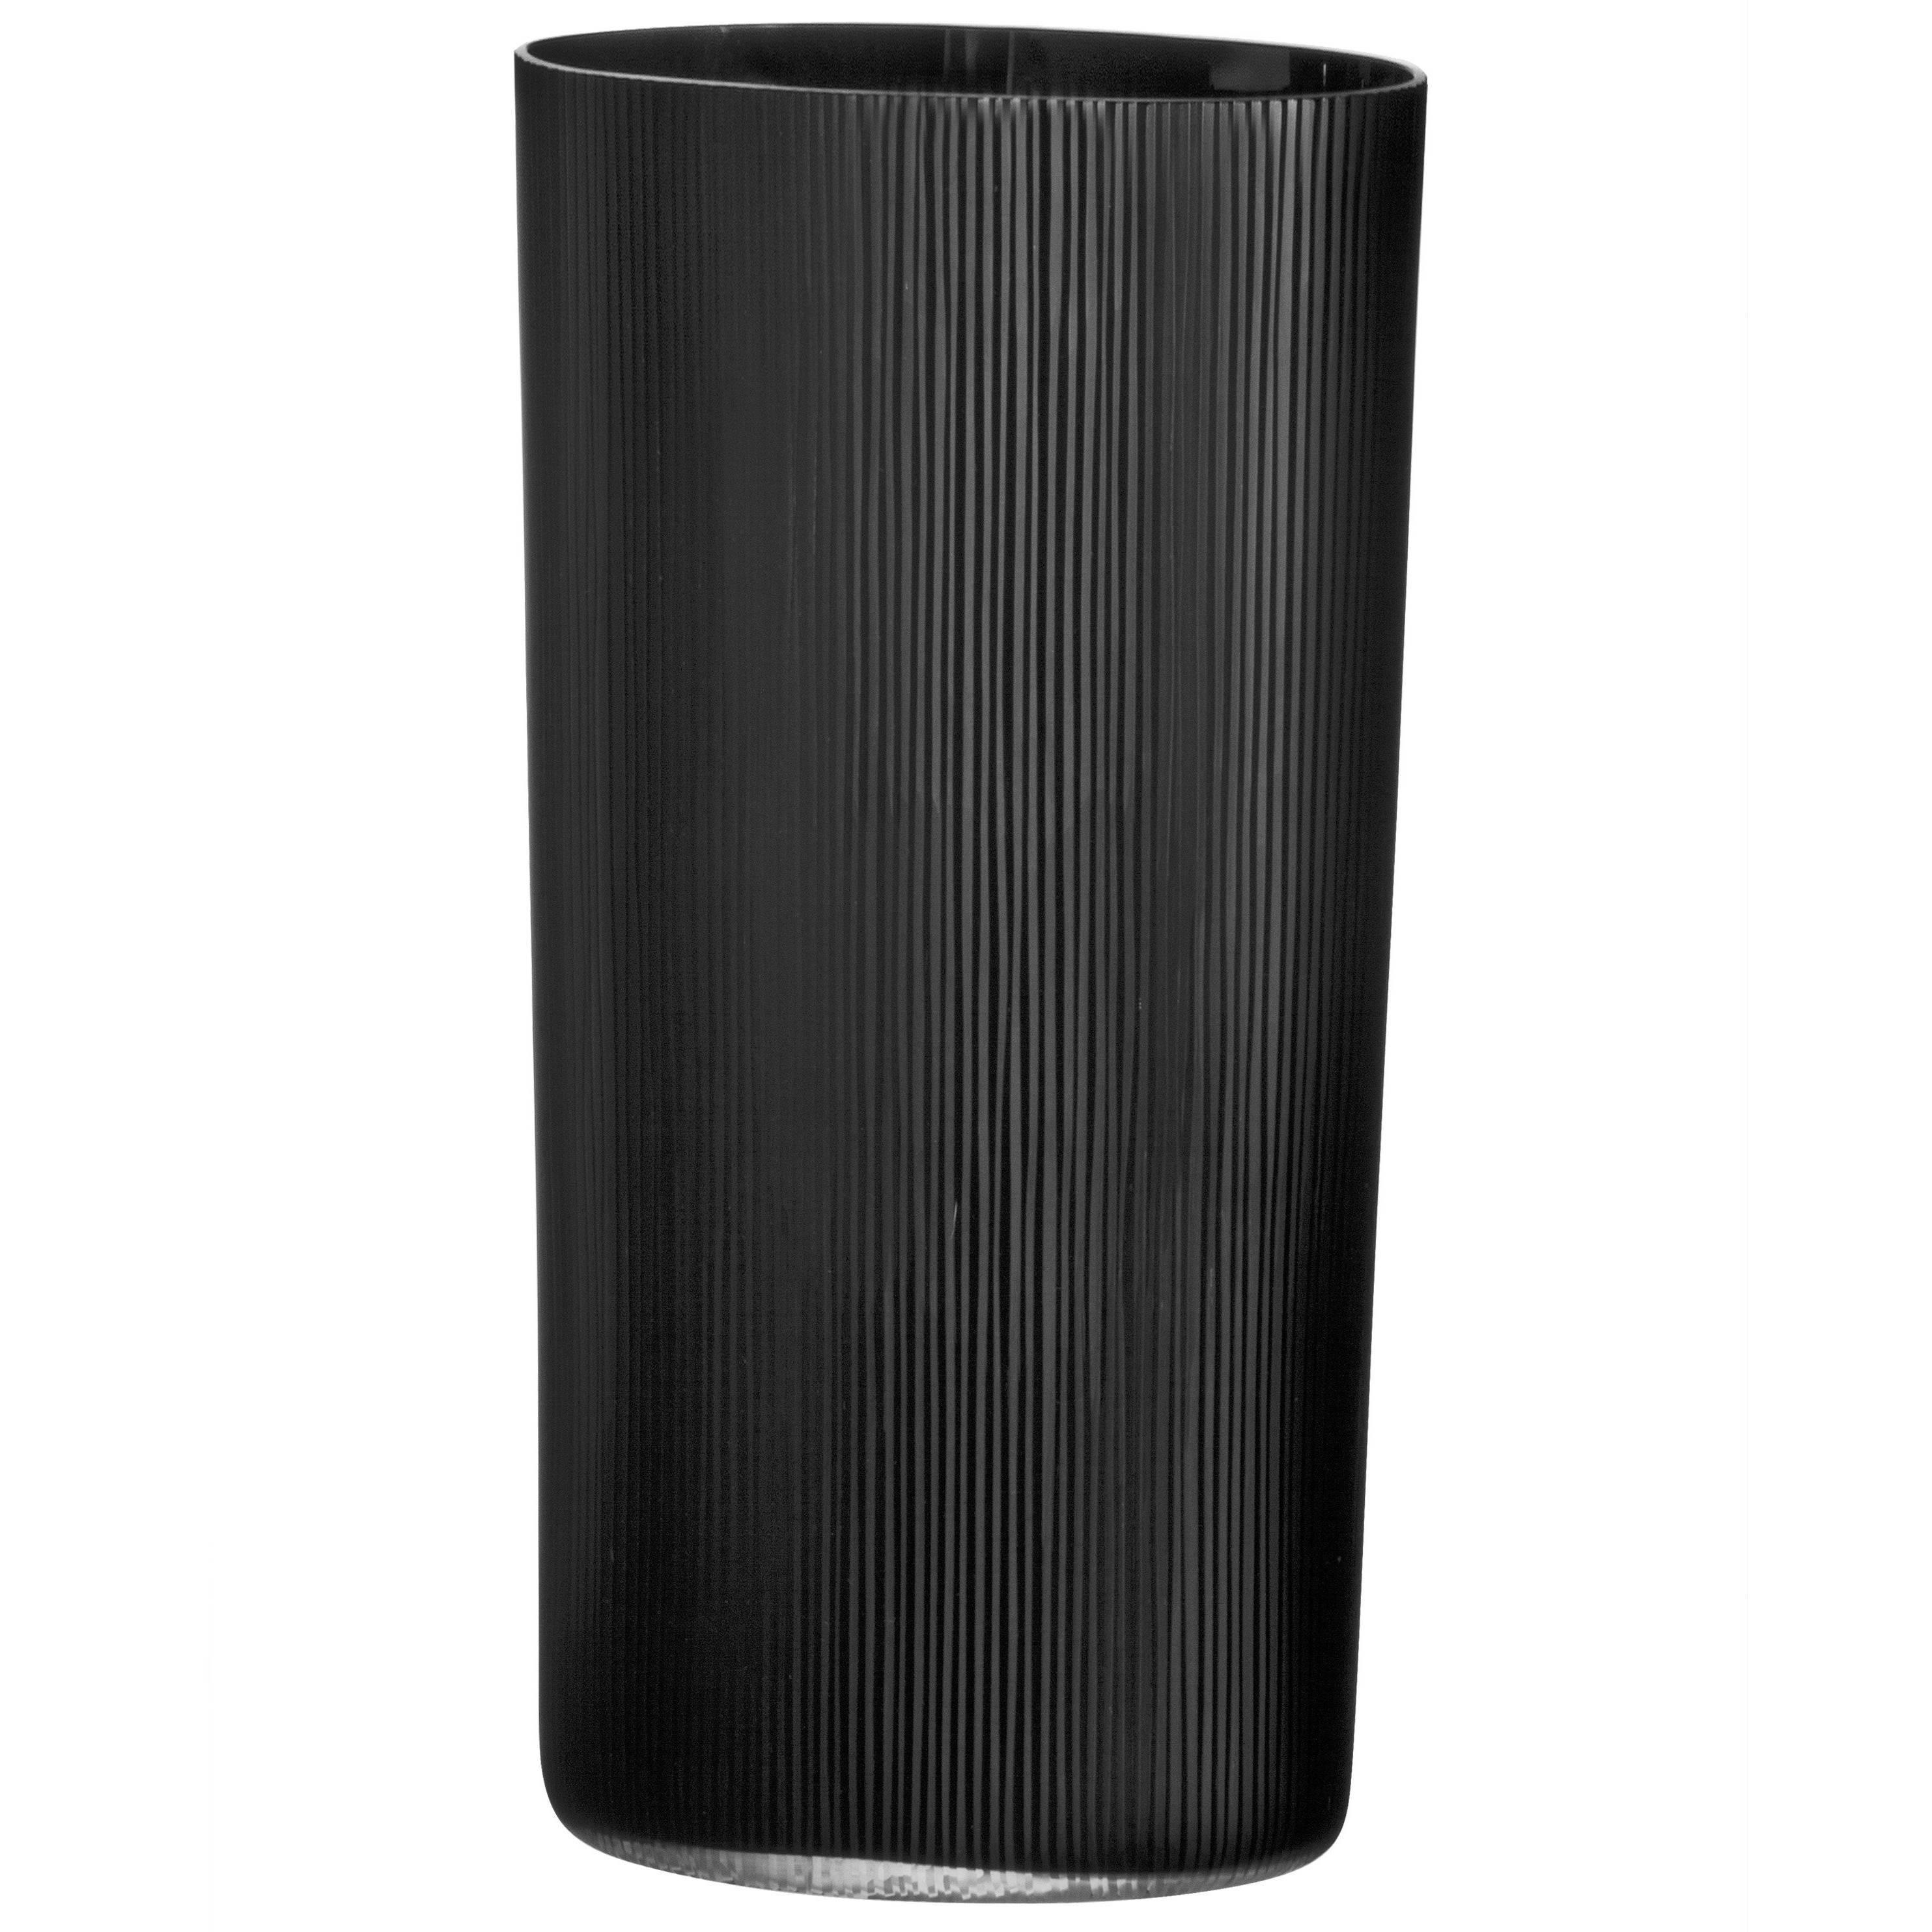 Tall Nero Ovale Millemolature Carlo Moretti Contemporary Murano Glass Vase